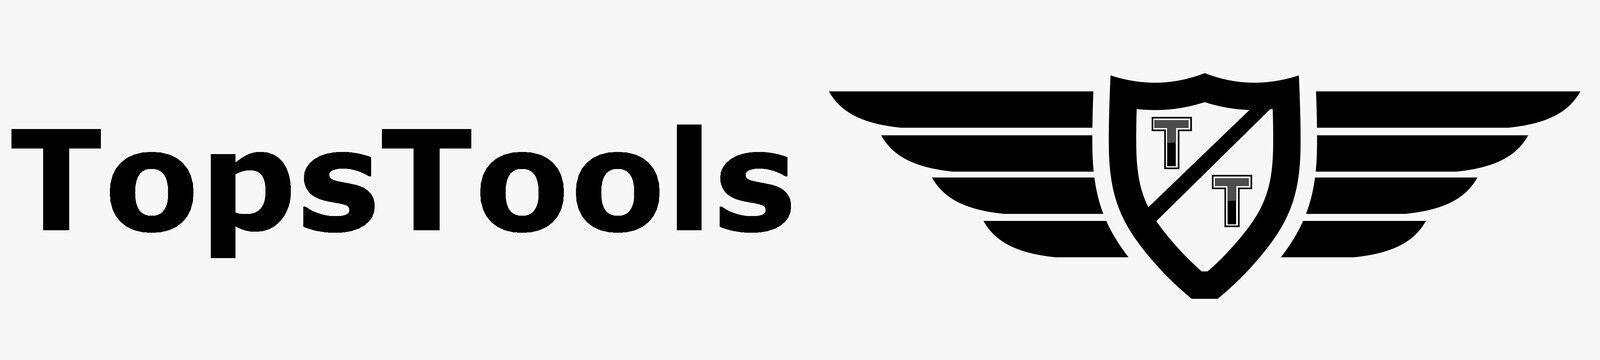 TopsTools